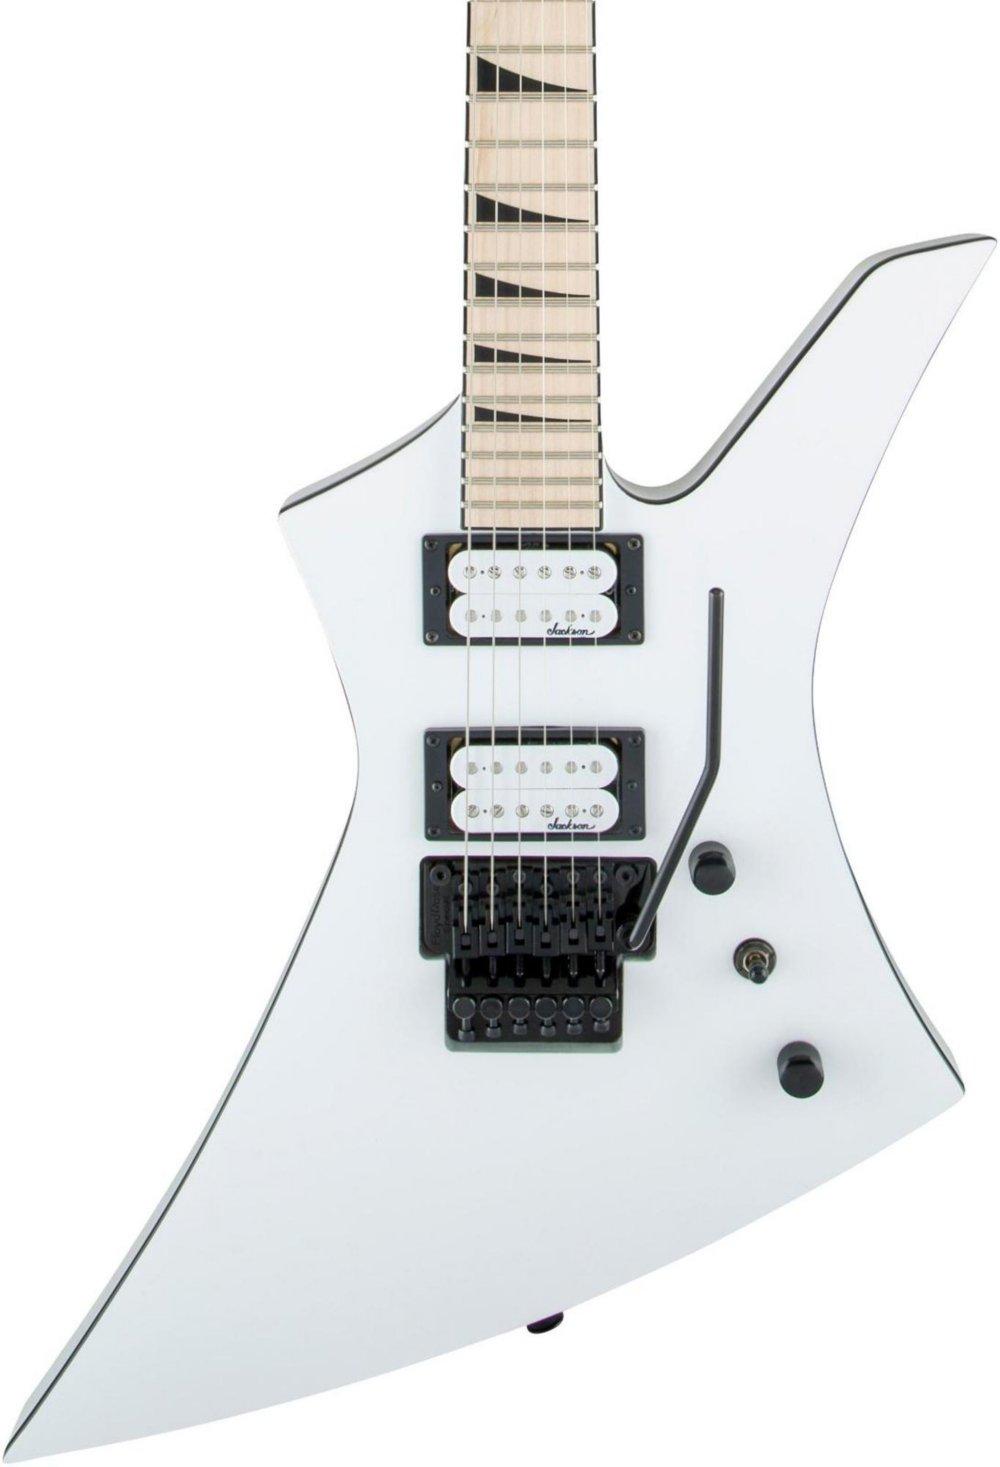 Jackson Kelly de la serie X kexm guitarra eléctrica: Amazon.es: Instrumentos musicales